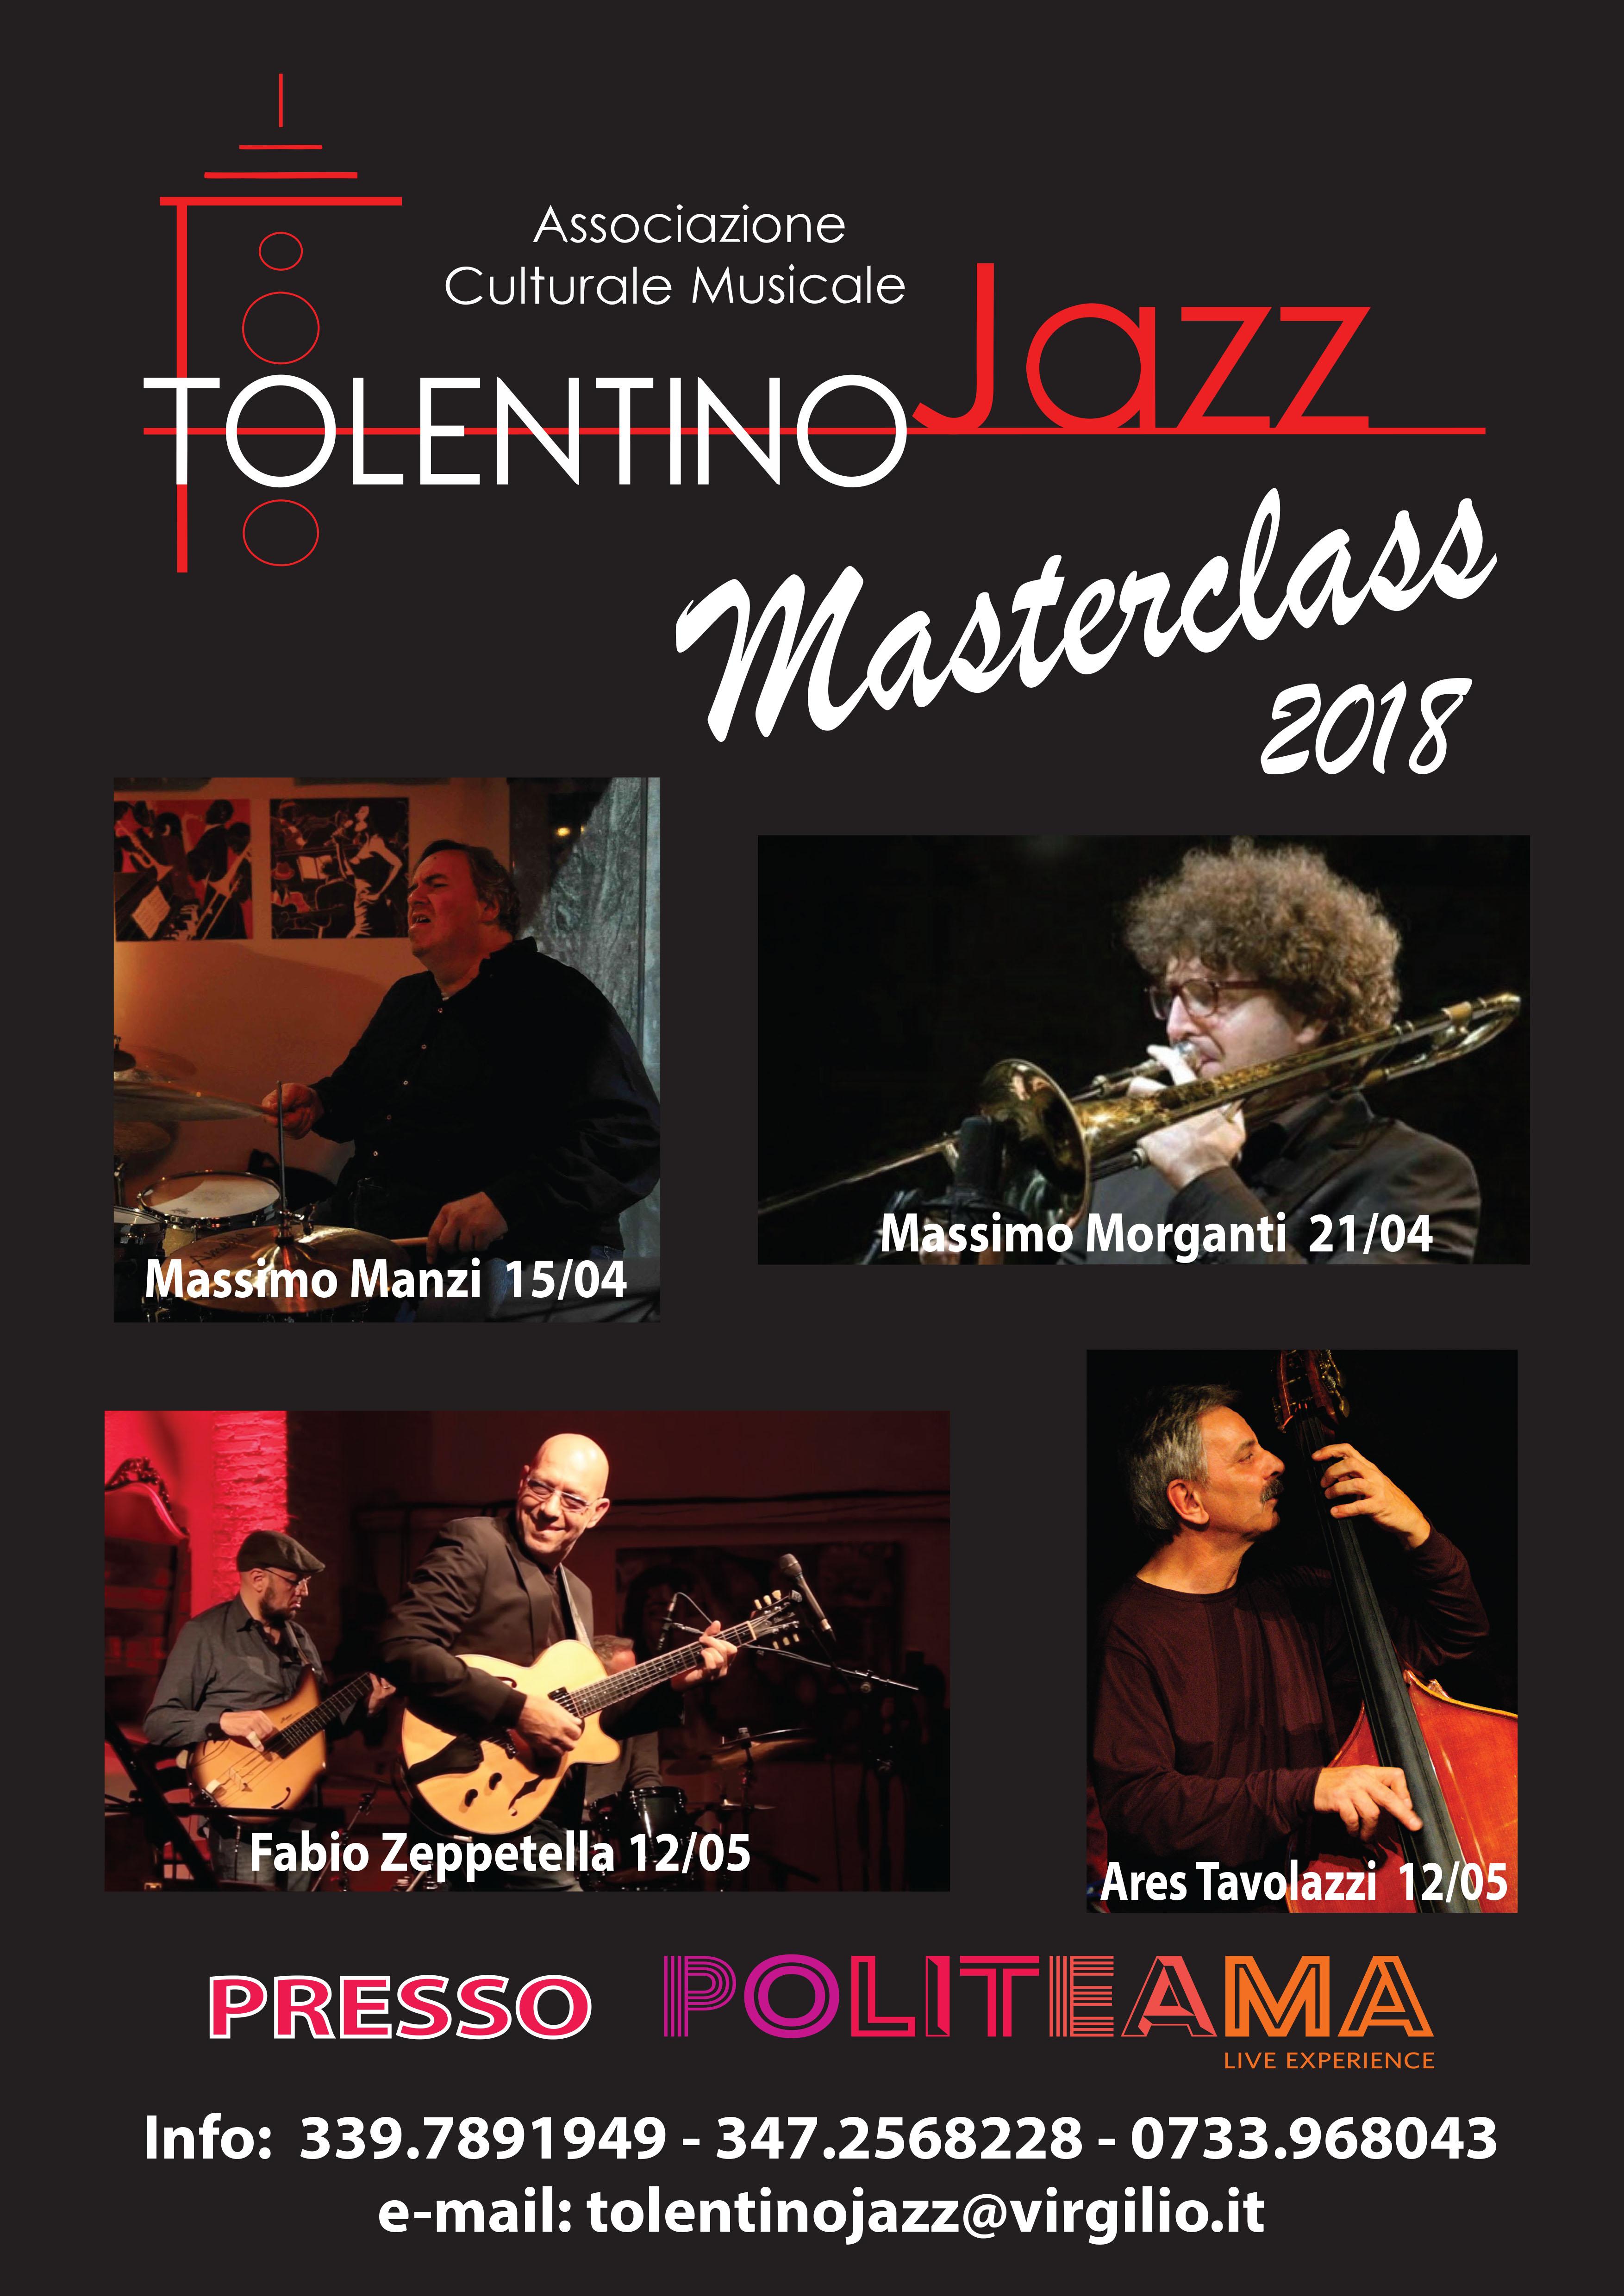 Locandina - Masterclass di trombone, tromba e musica d'insieme con Massimo Morganti – TolentinoJAZZ